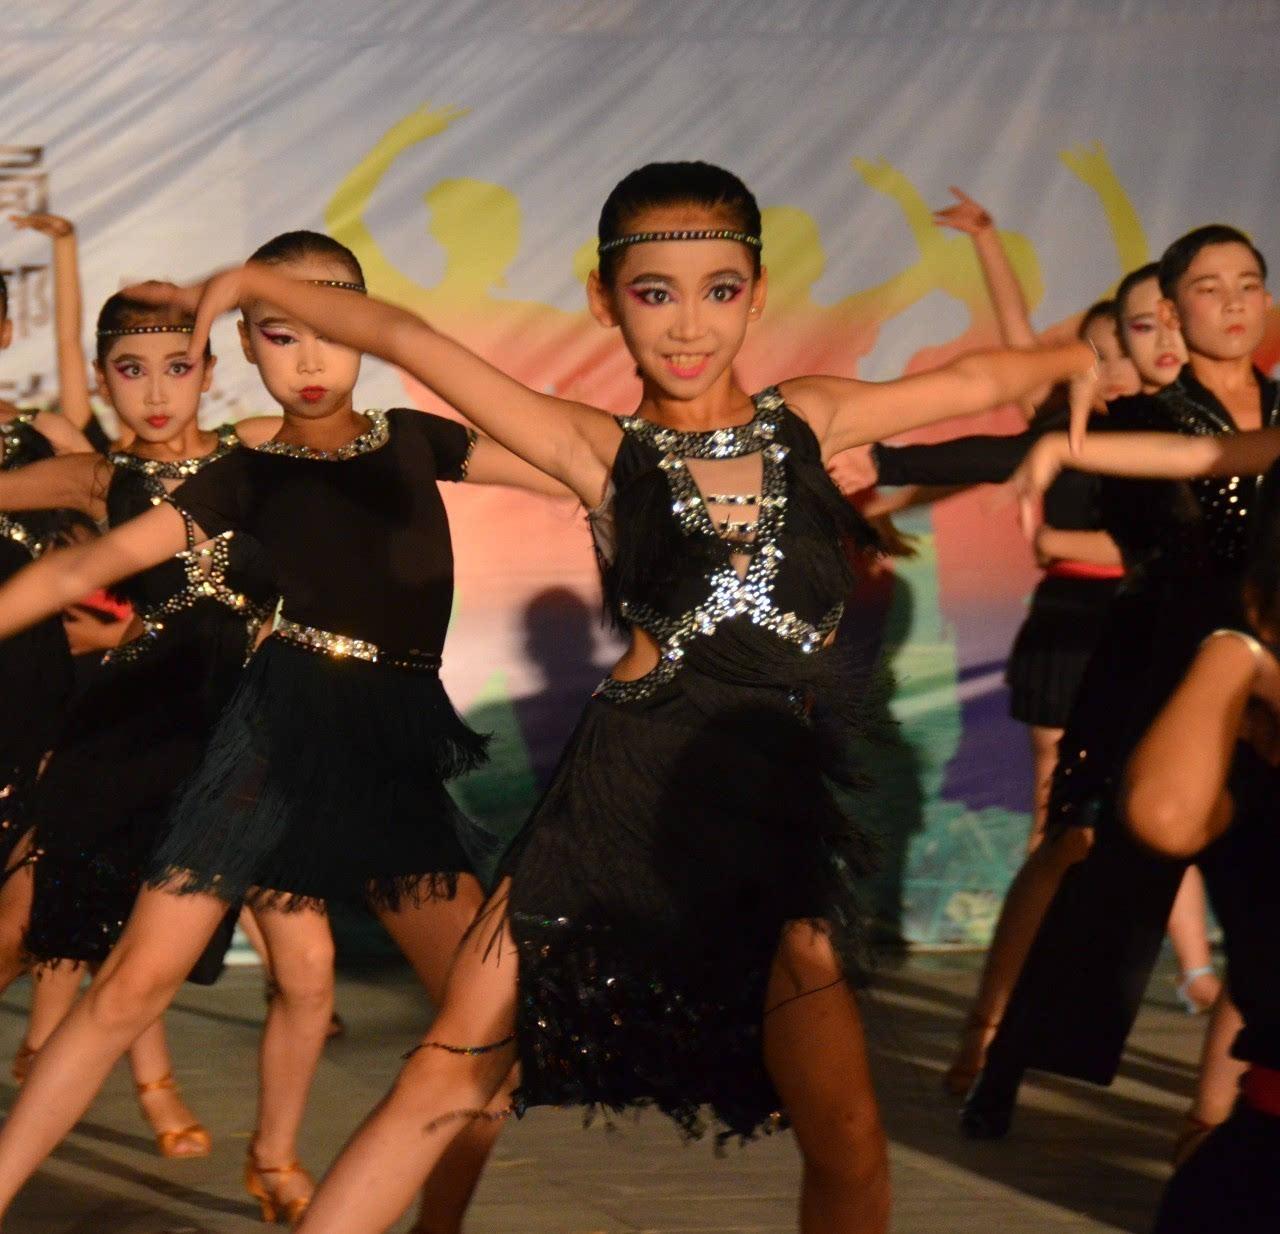 拉丁舞小公主,小编不懂舞蹈